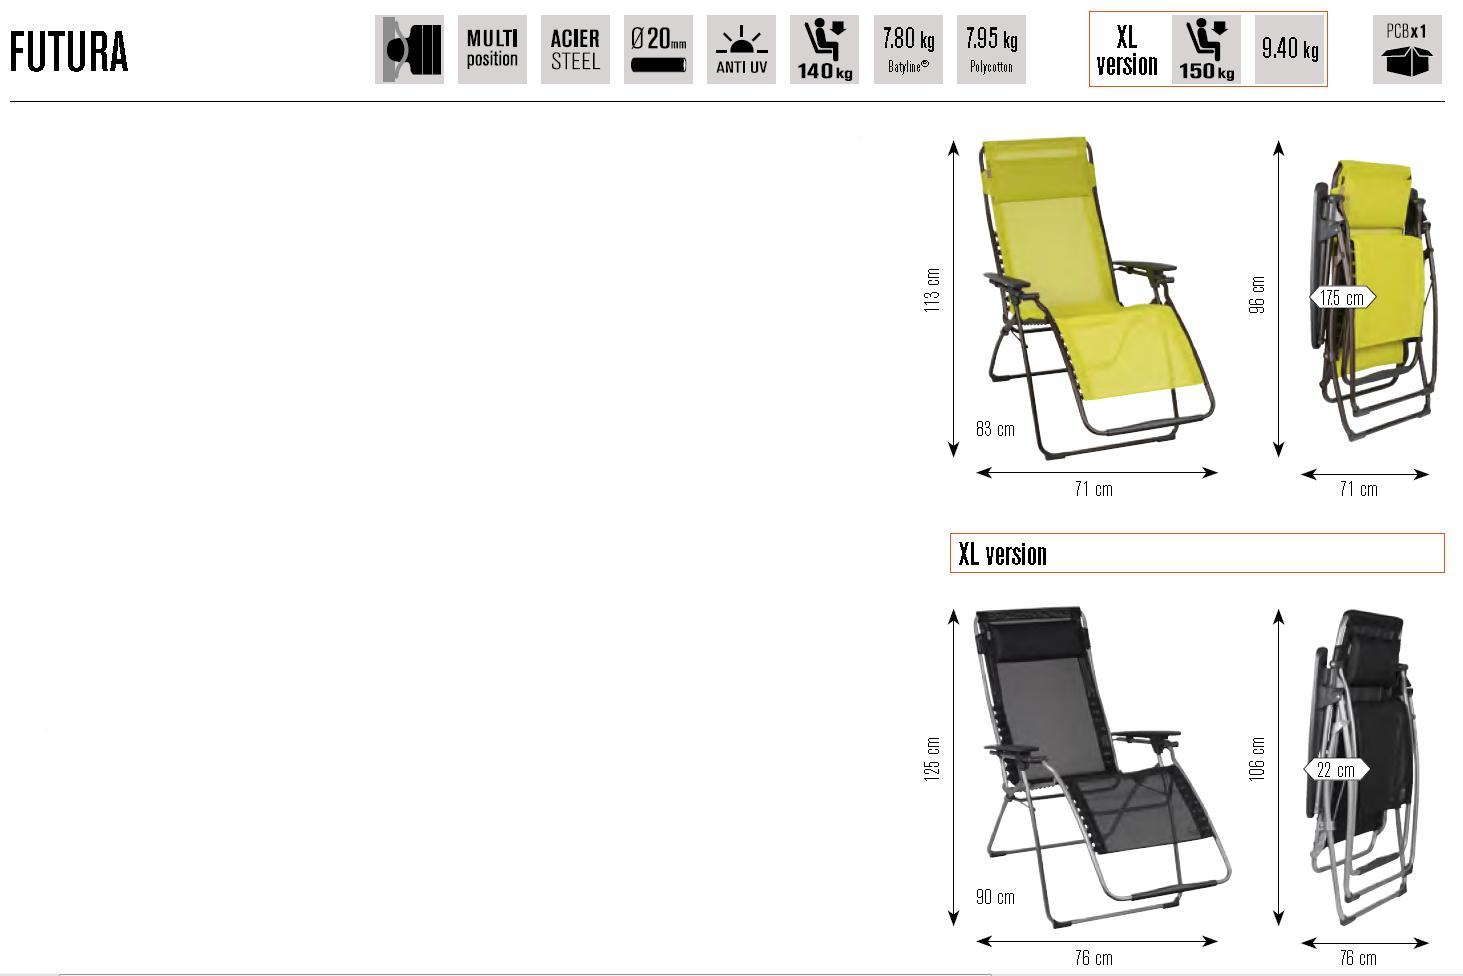 sdraio-lafuma-futura-scheda-2014-fornari-outdoor-design-rieti-tel-07461731920